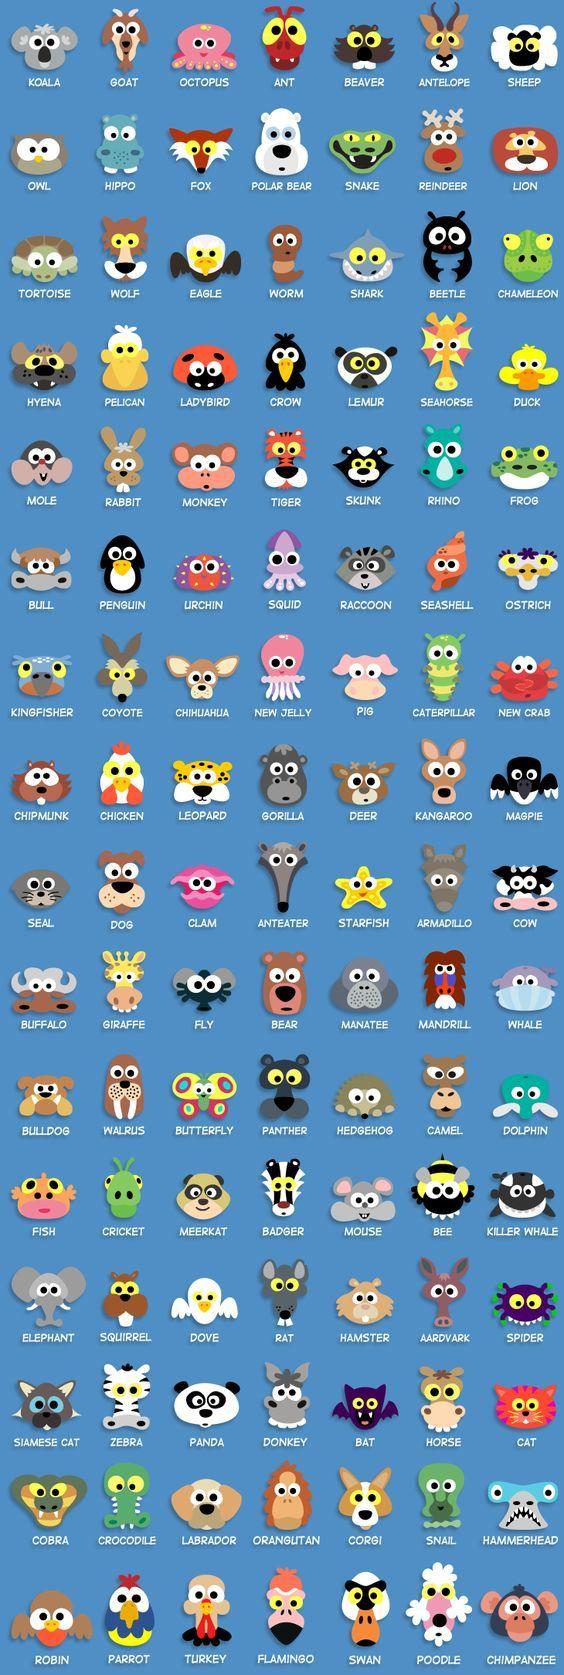 Printable Animal Masks For Kids - Over 200 animal and Halloween masks only $19: